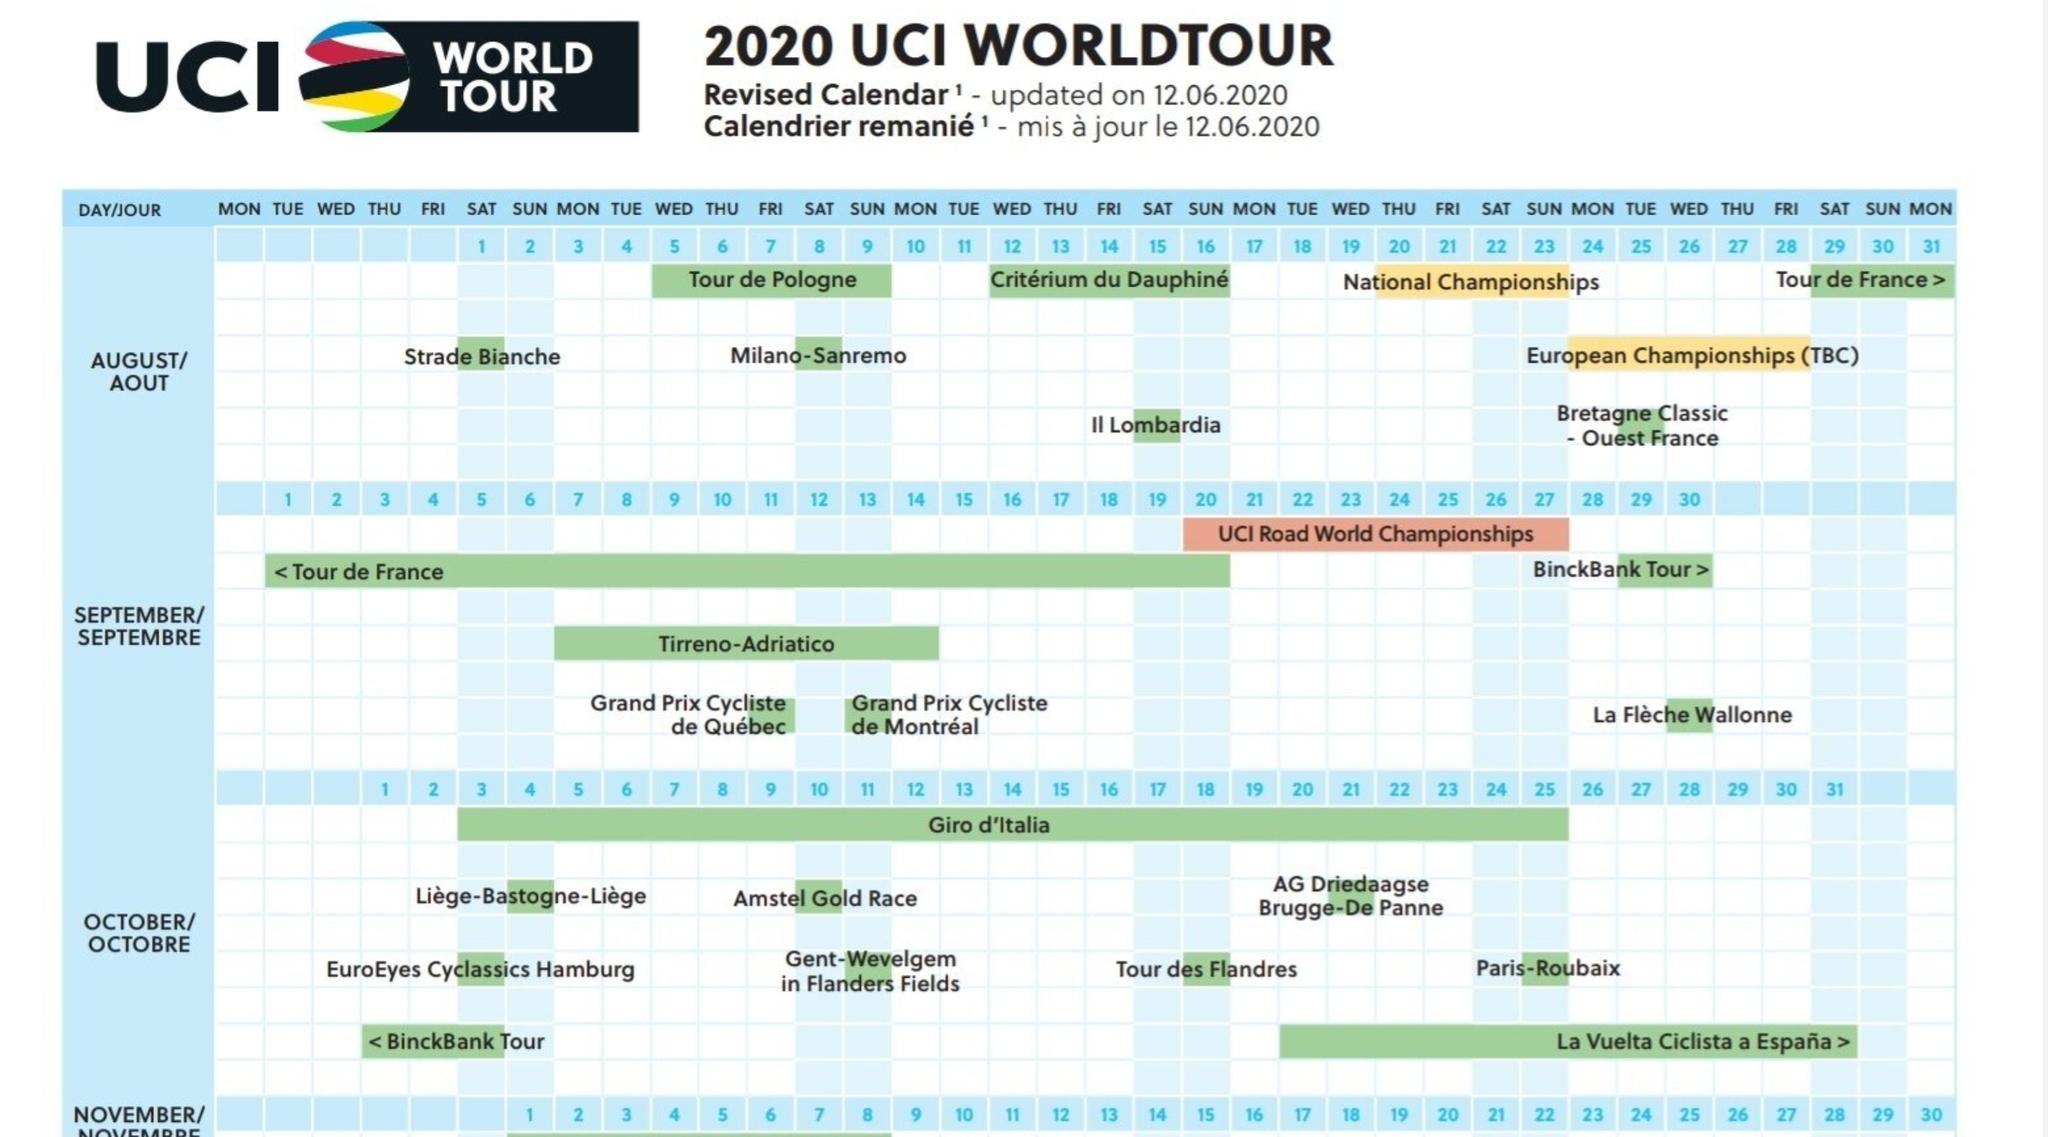 Ya es oficial: así queda el calendario definitivo de la UCI y las dos etapas de LaVuelta que faltaban